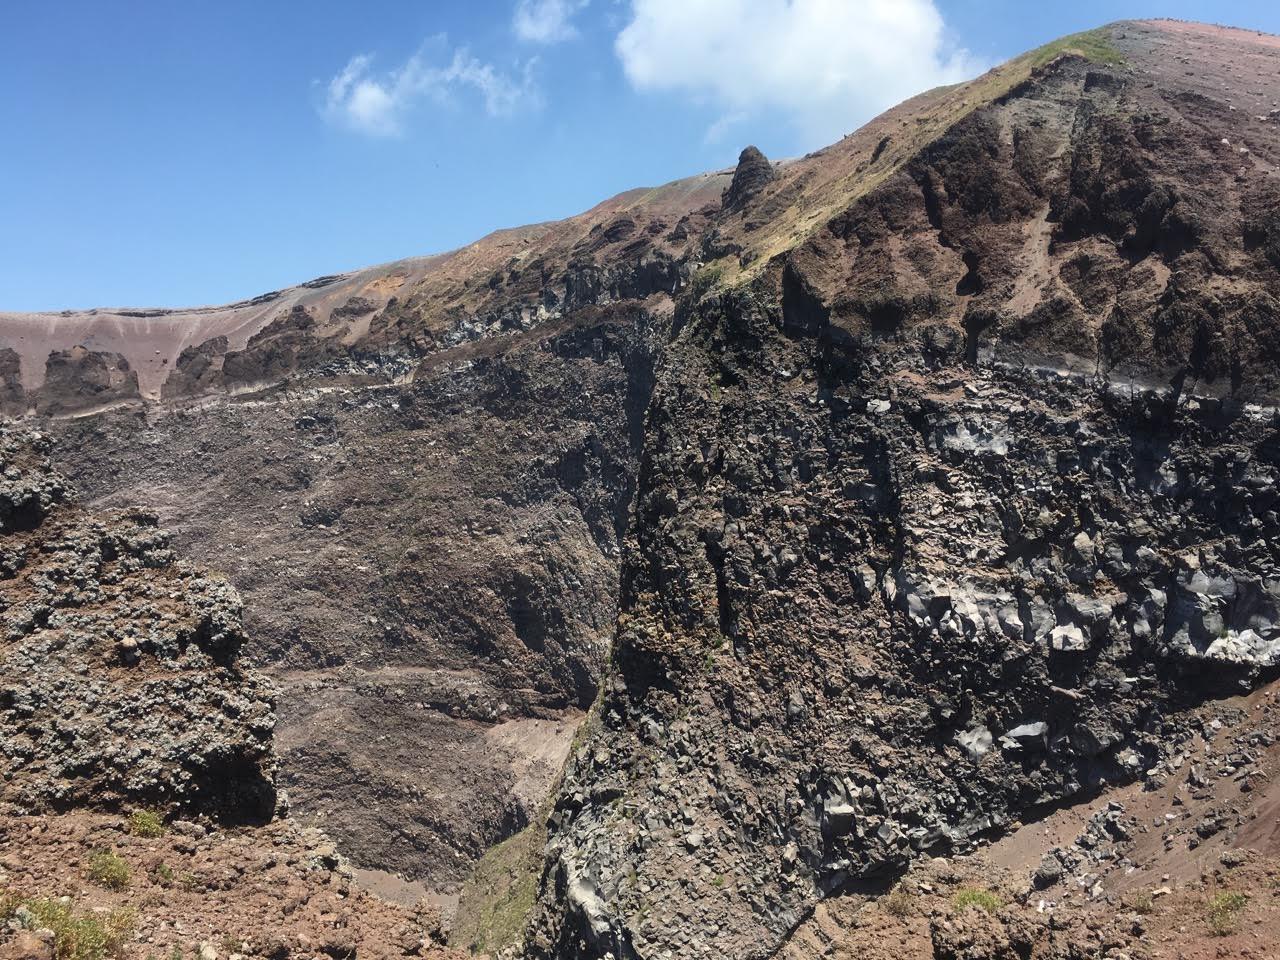 Kráter sopky vezuv